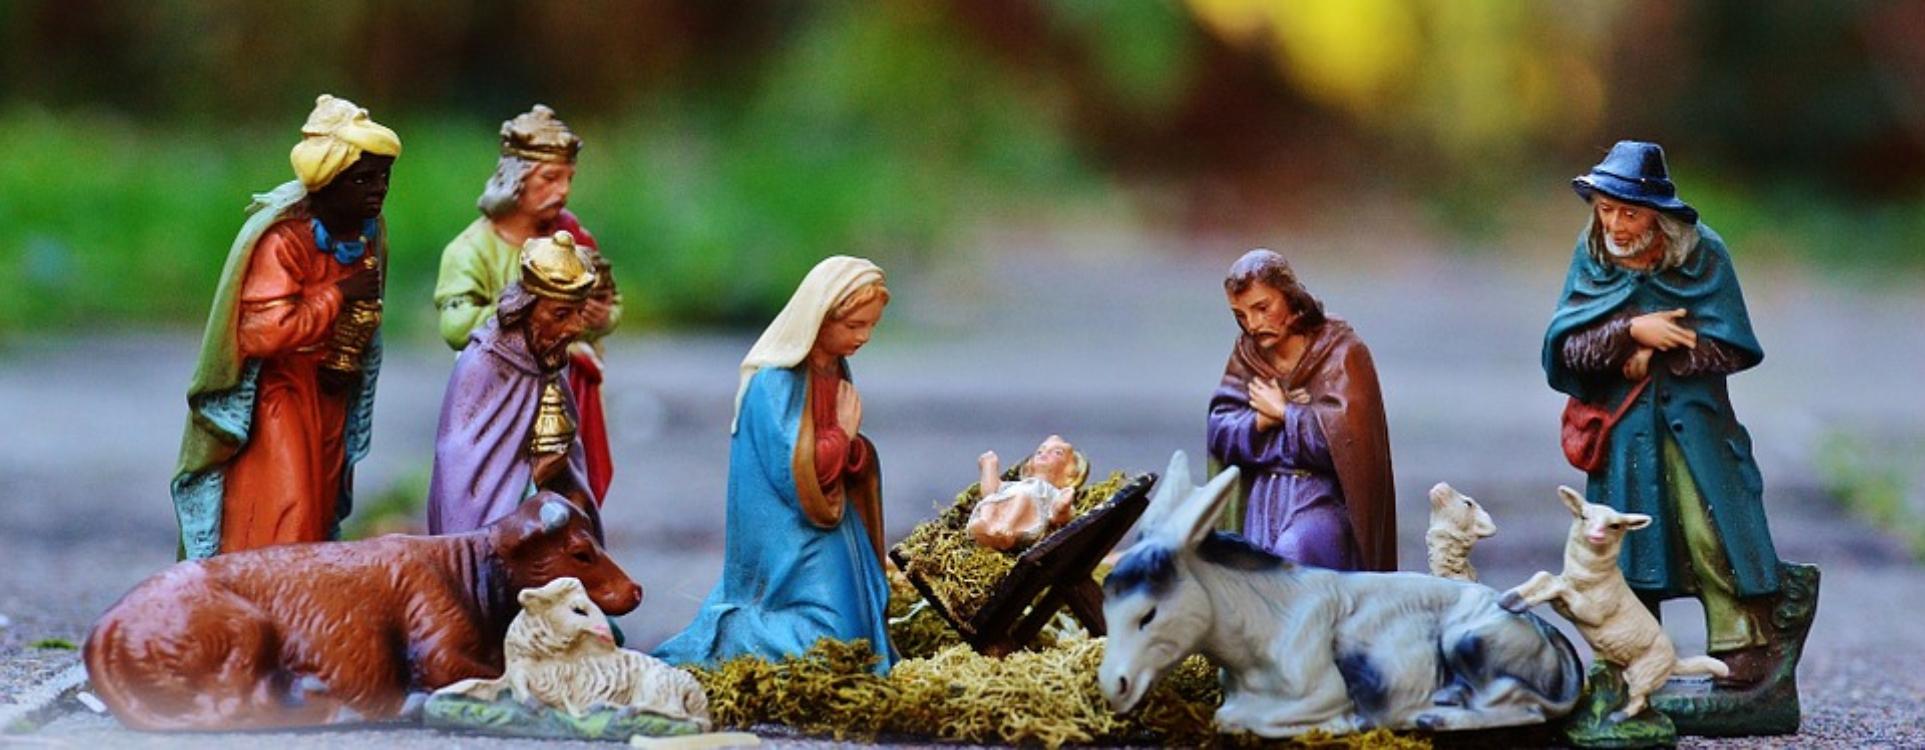 4 curiosidades sobre o Natal… que poucos conhecem!